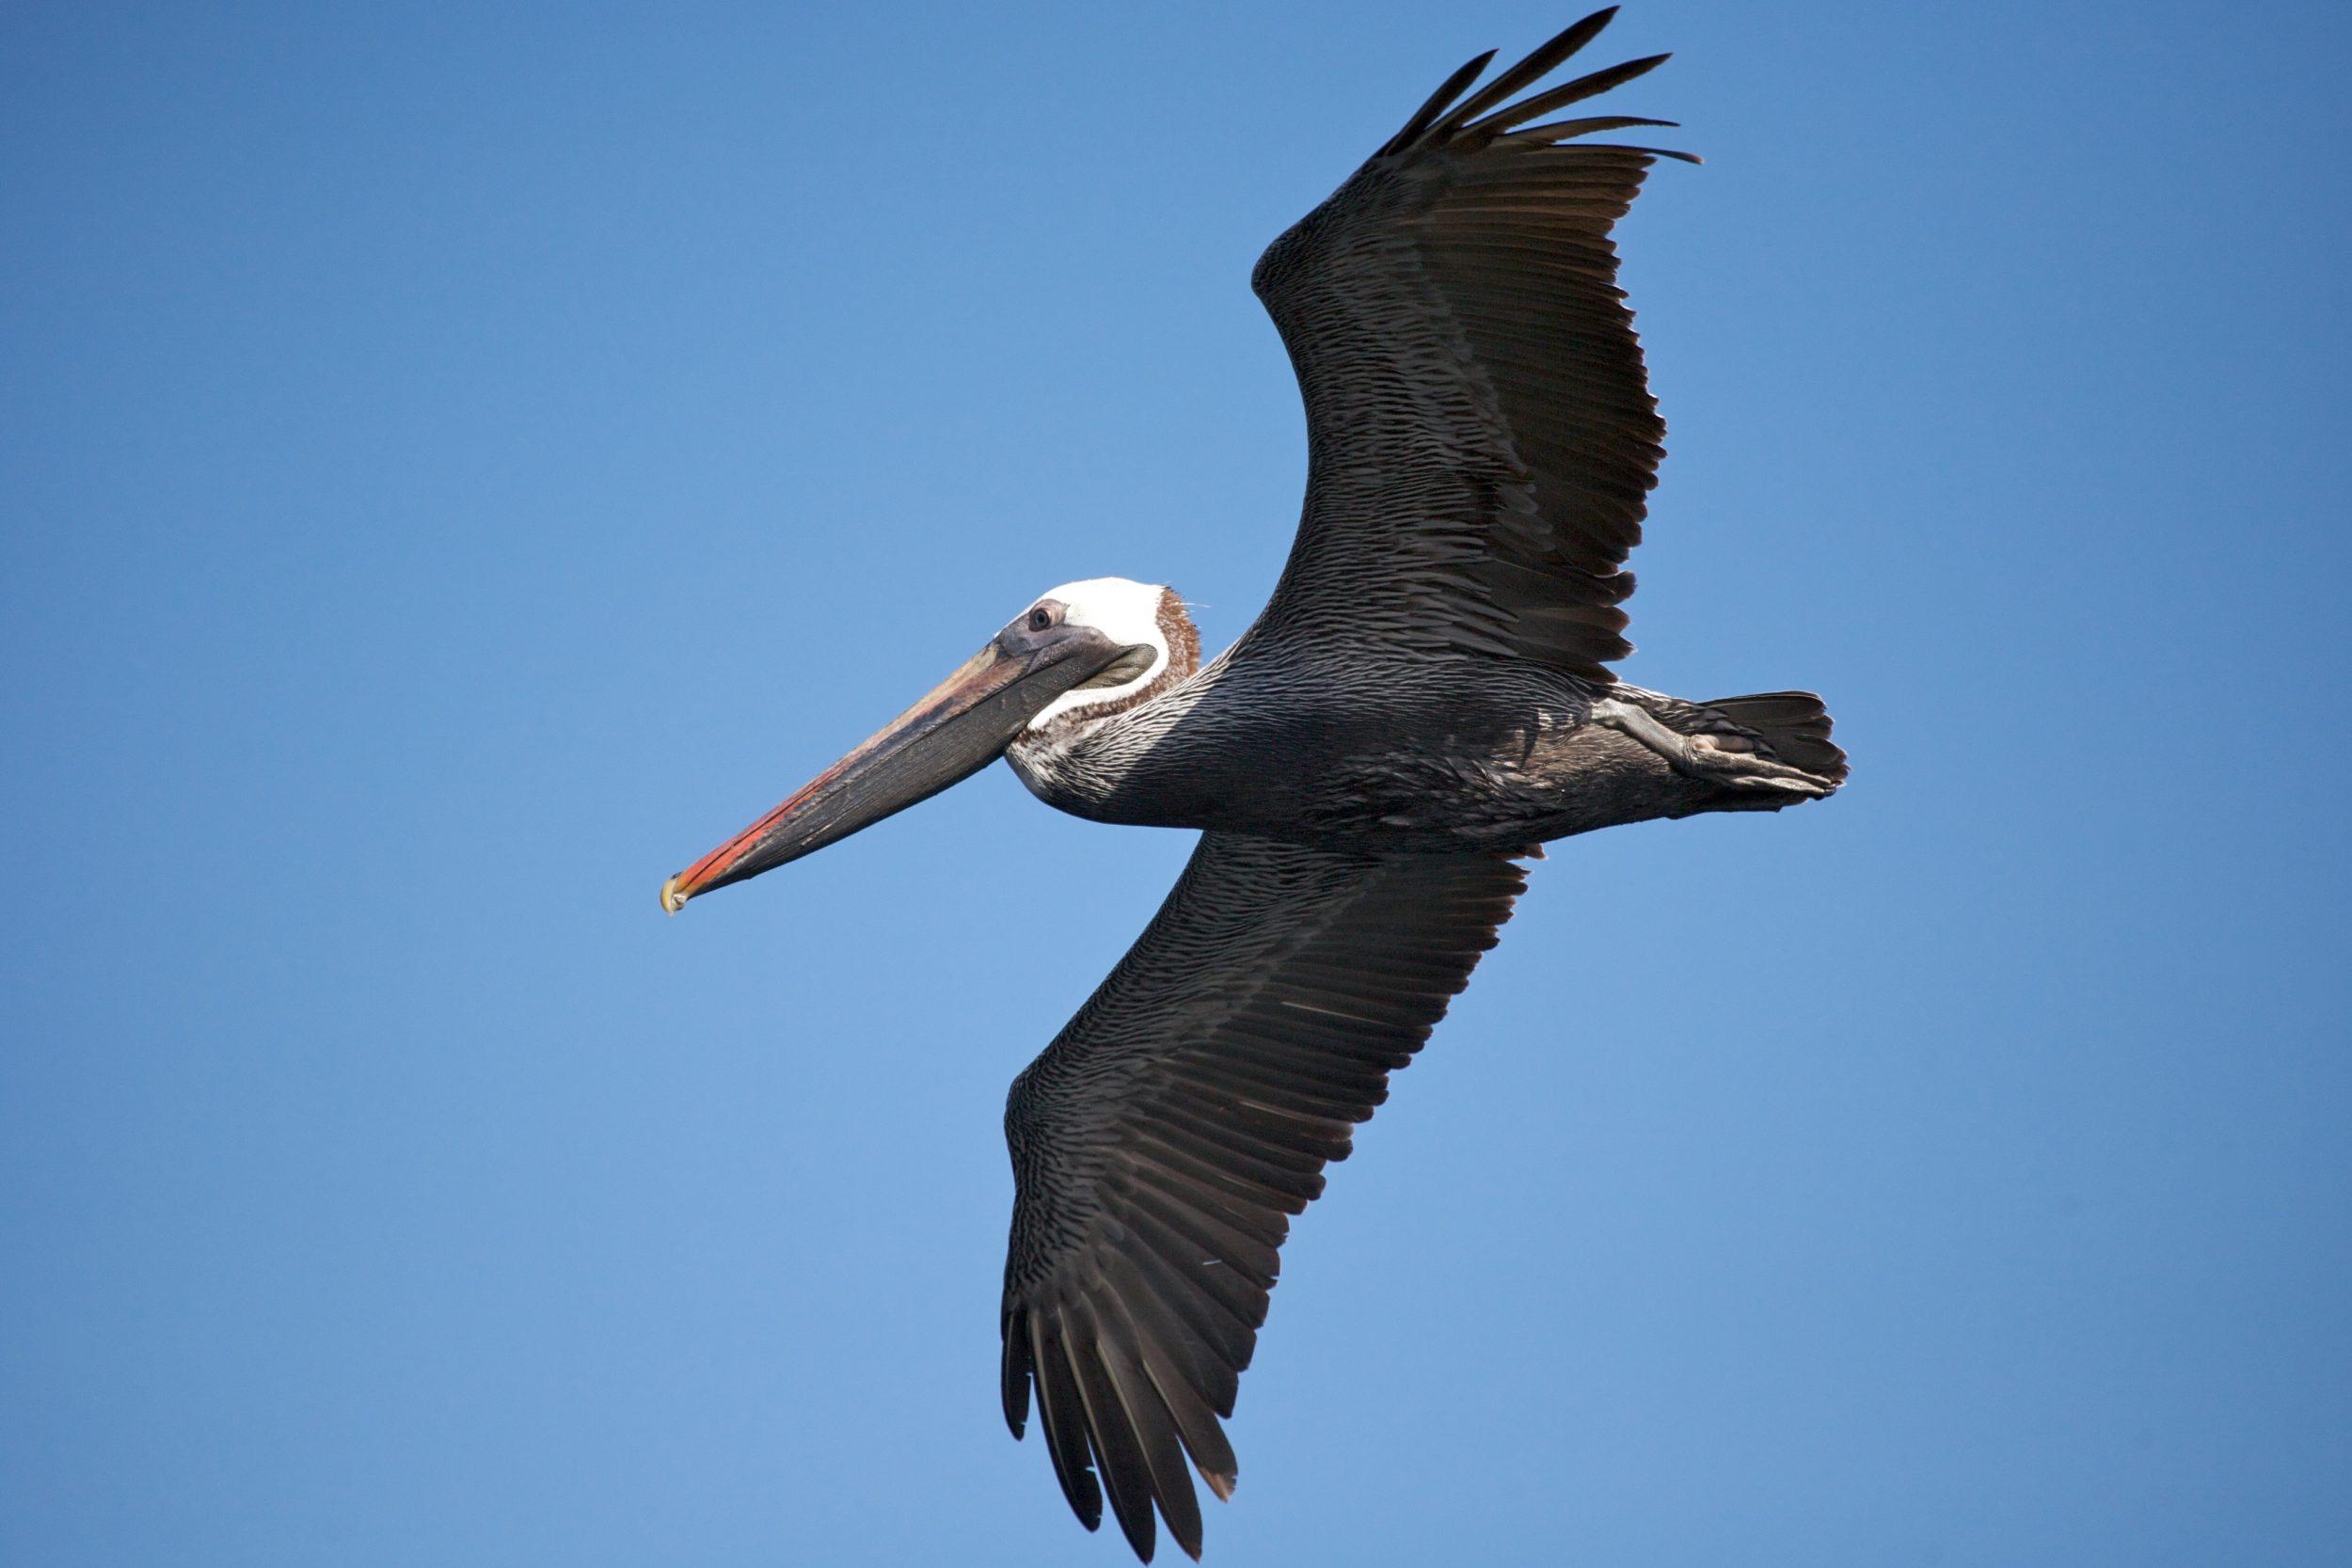 A pelican in flight, Galapagos